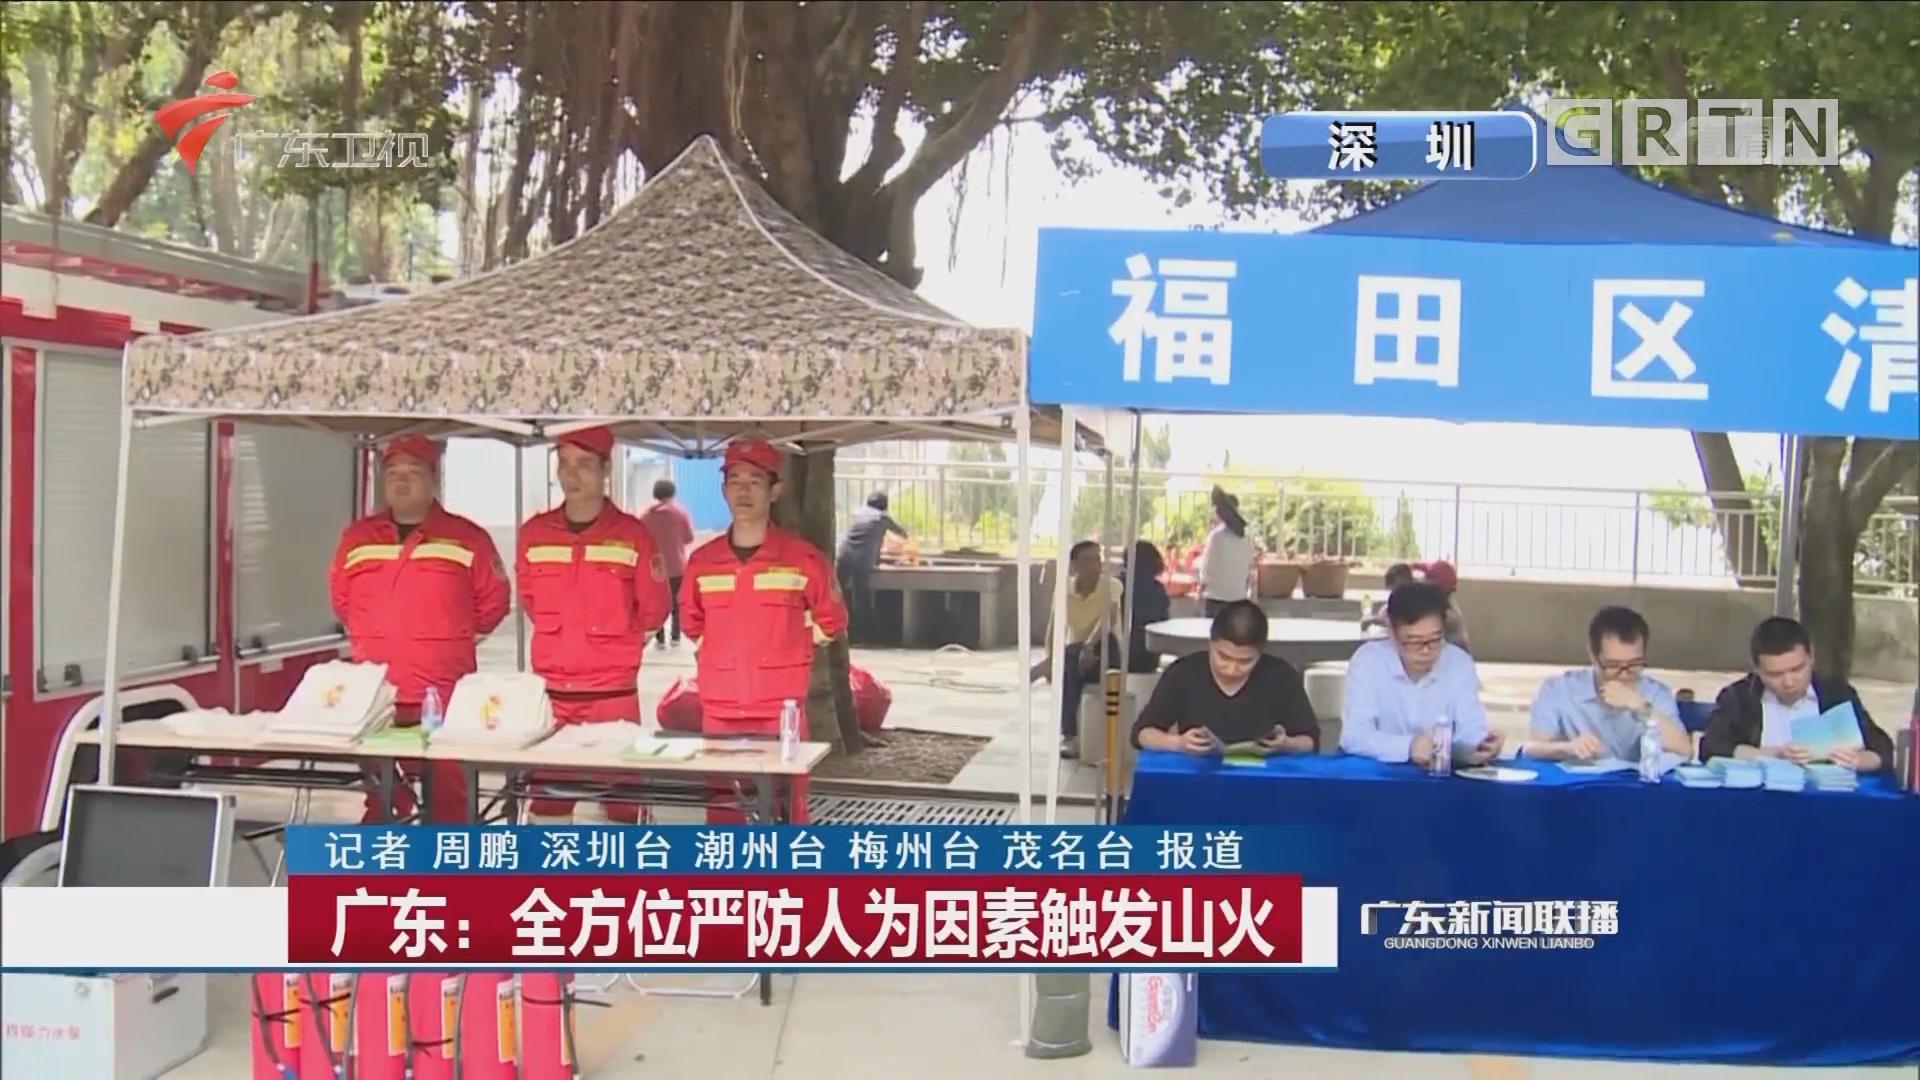 广东:全方位严防人为因素触发山火